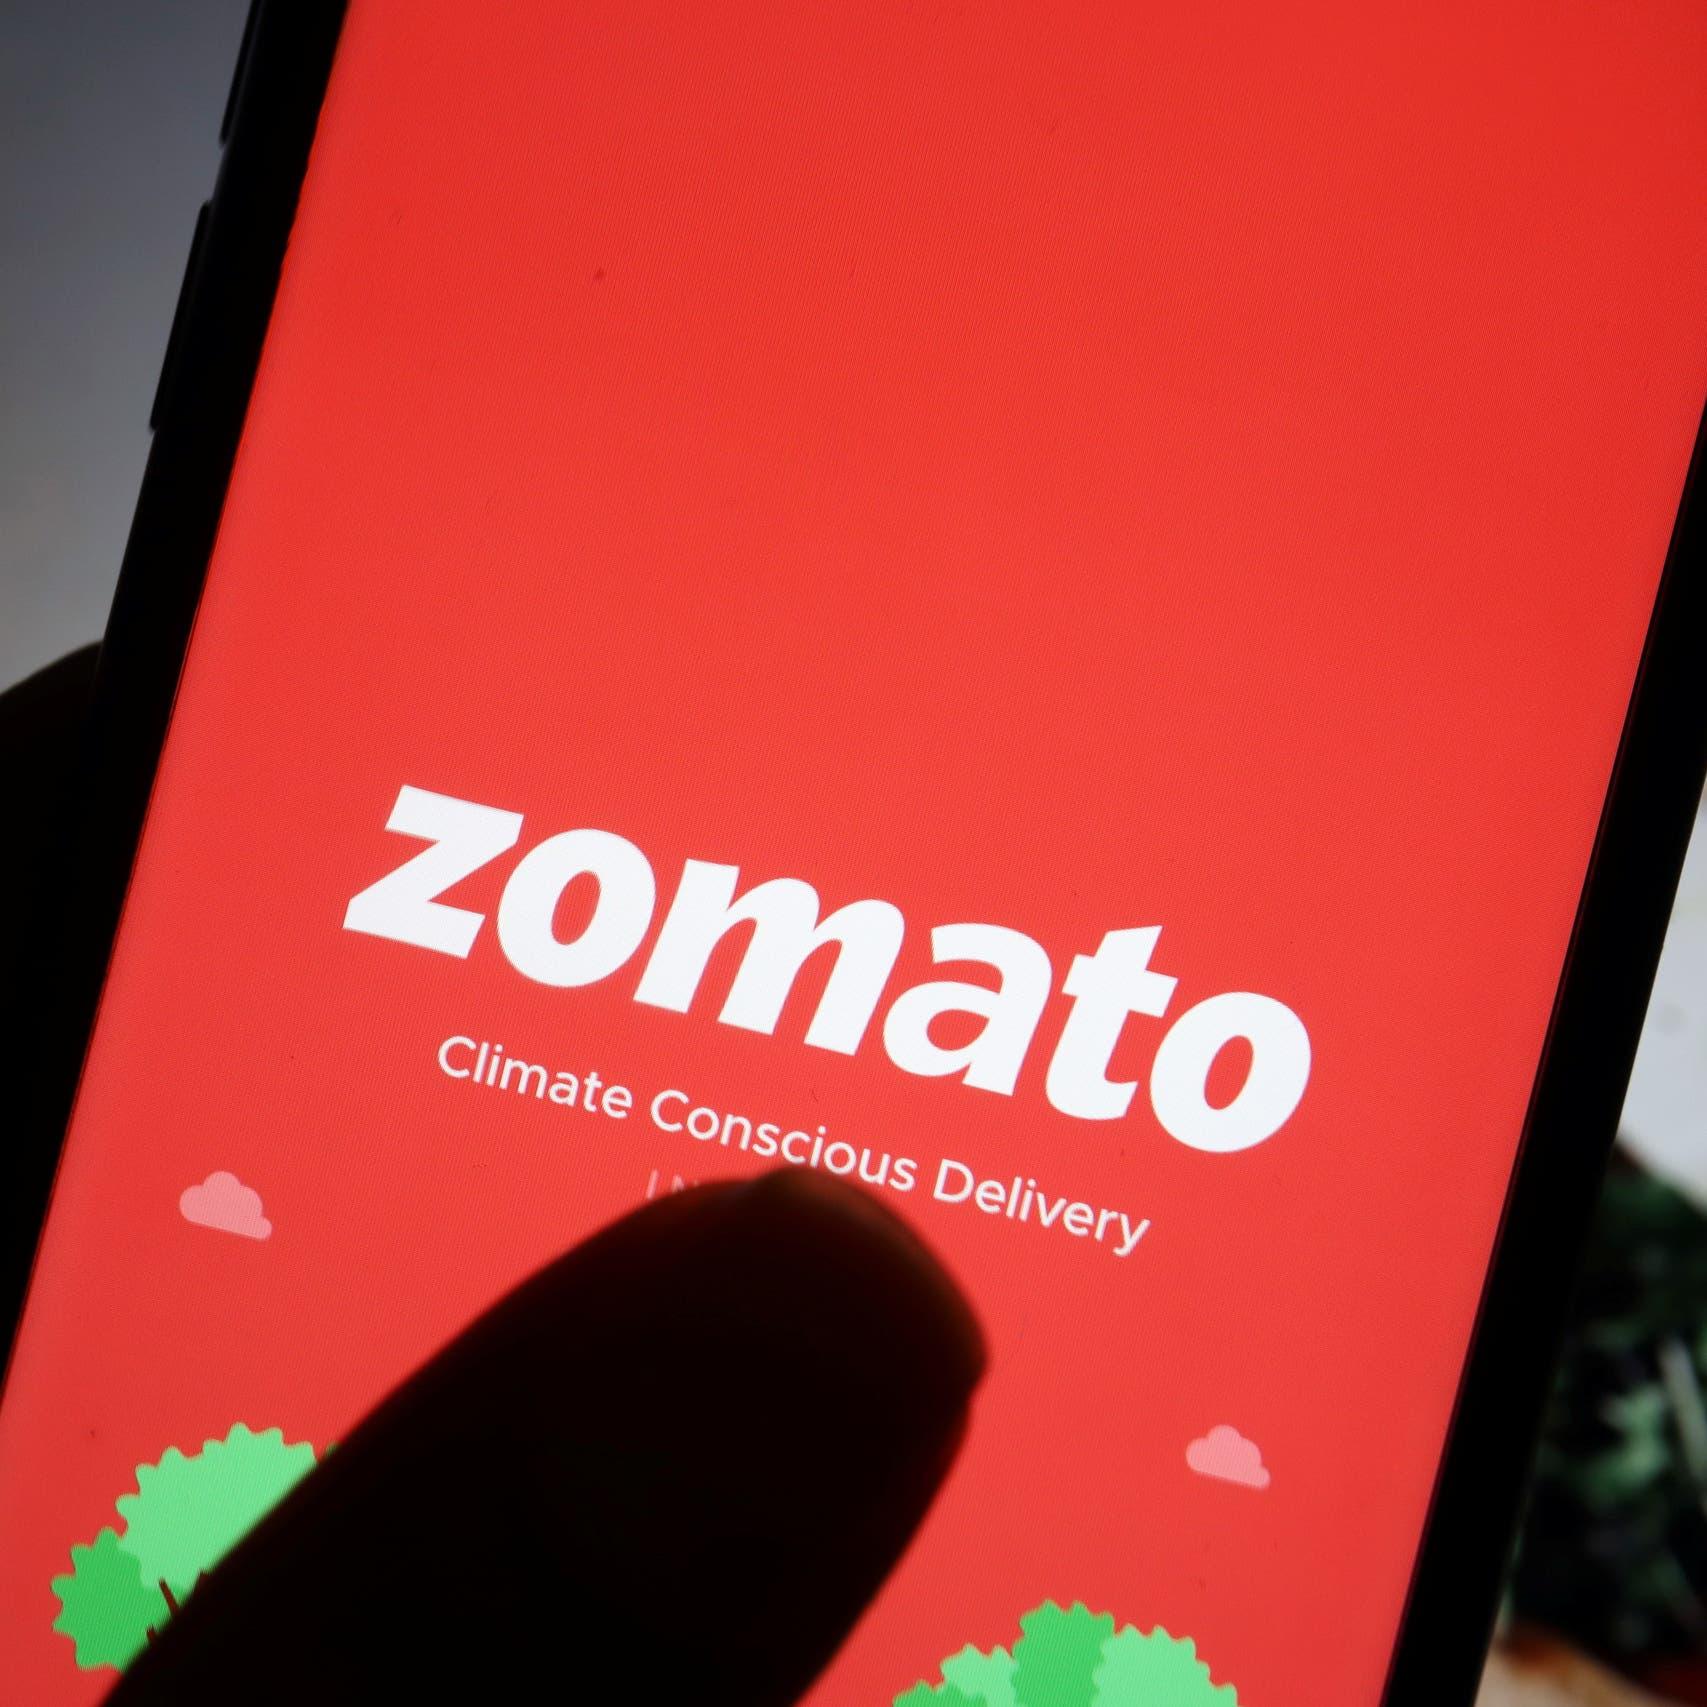 """سهم """"زوماتو"""" الهندية المدعومة من """"النملة"""" يقفز 66% في أول يوم له في البورصة"""